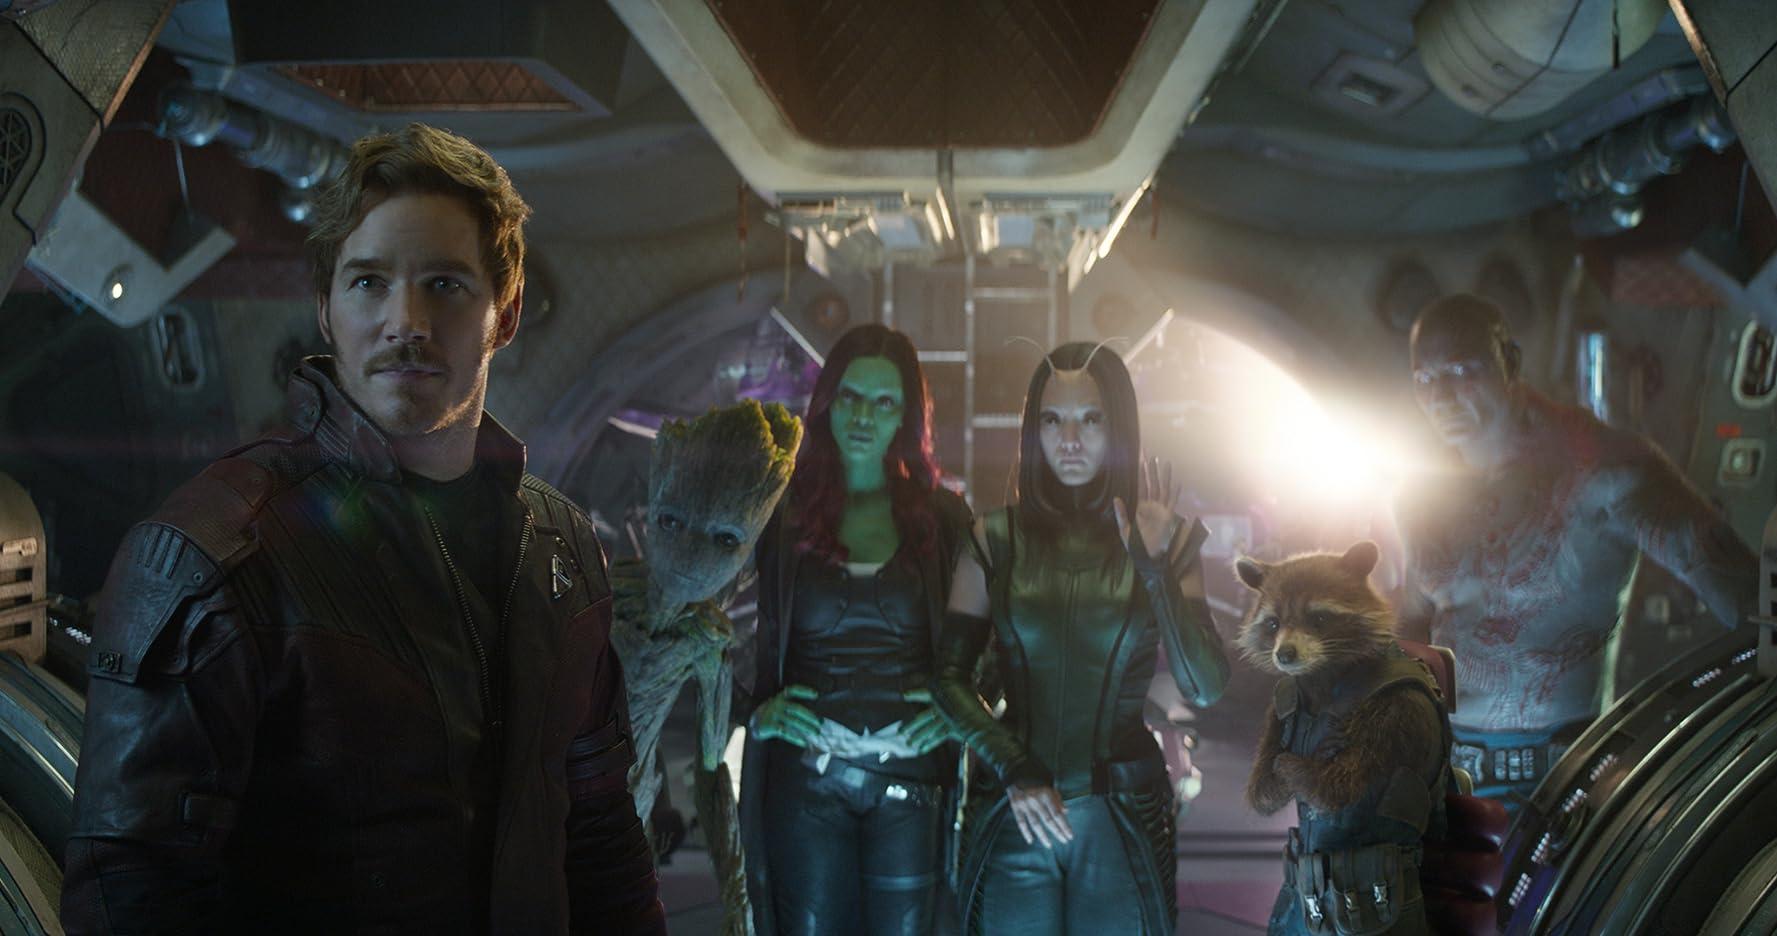 Vin Diesel, Bradley Cooper, Chris Pratt, Zoe Saldana, Dave Bautista, and Pom Klementieff in Avengers: Infinity War (2018)